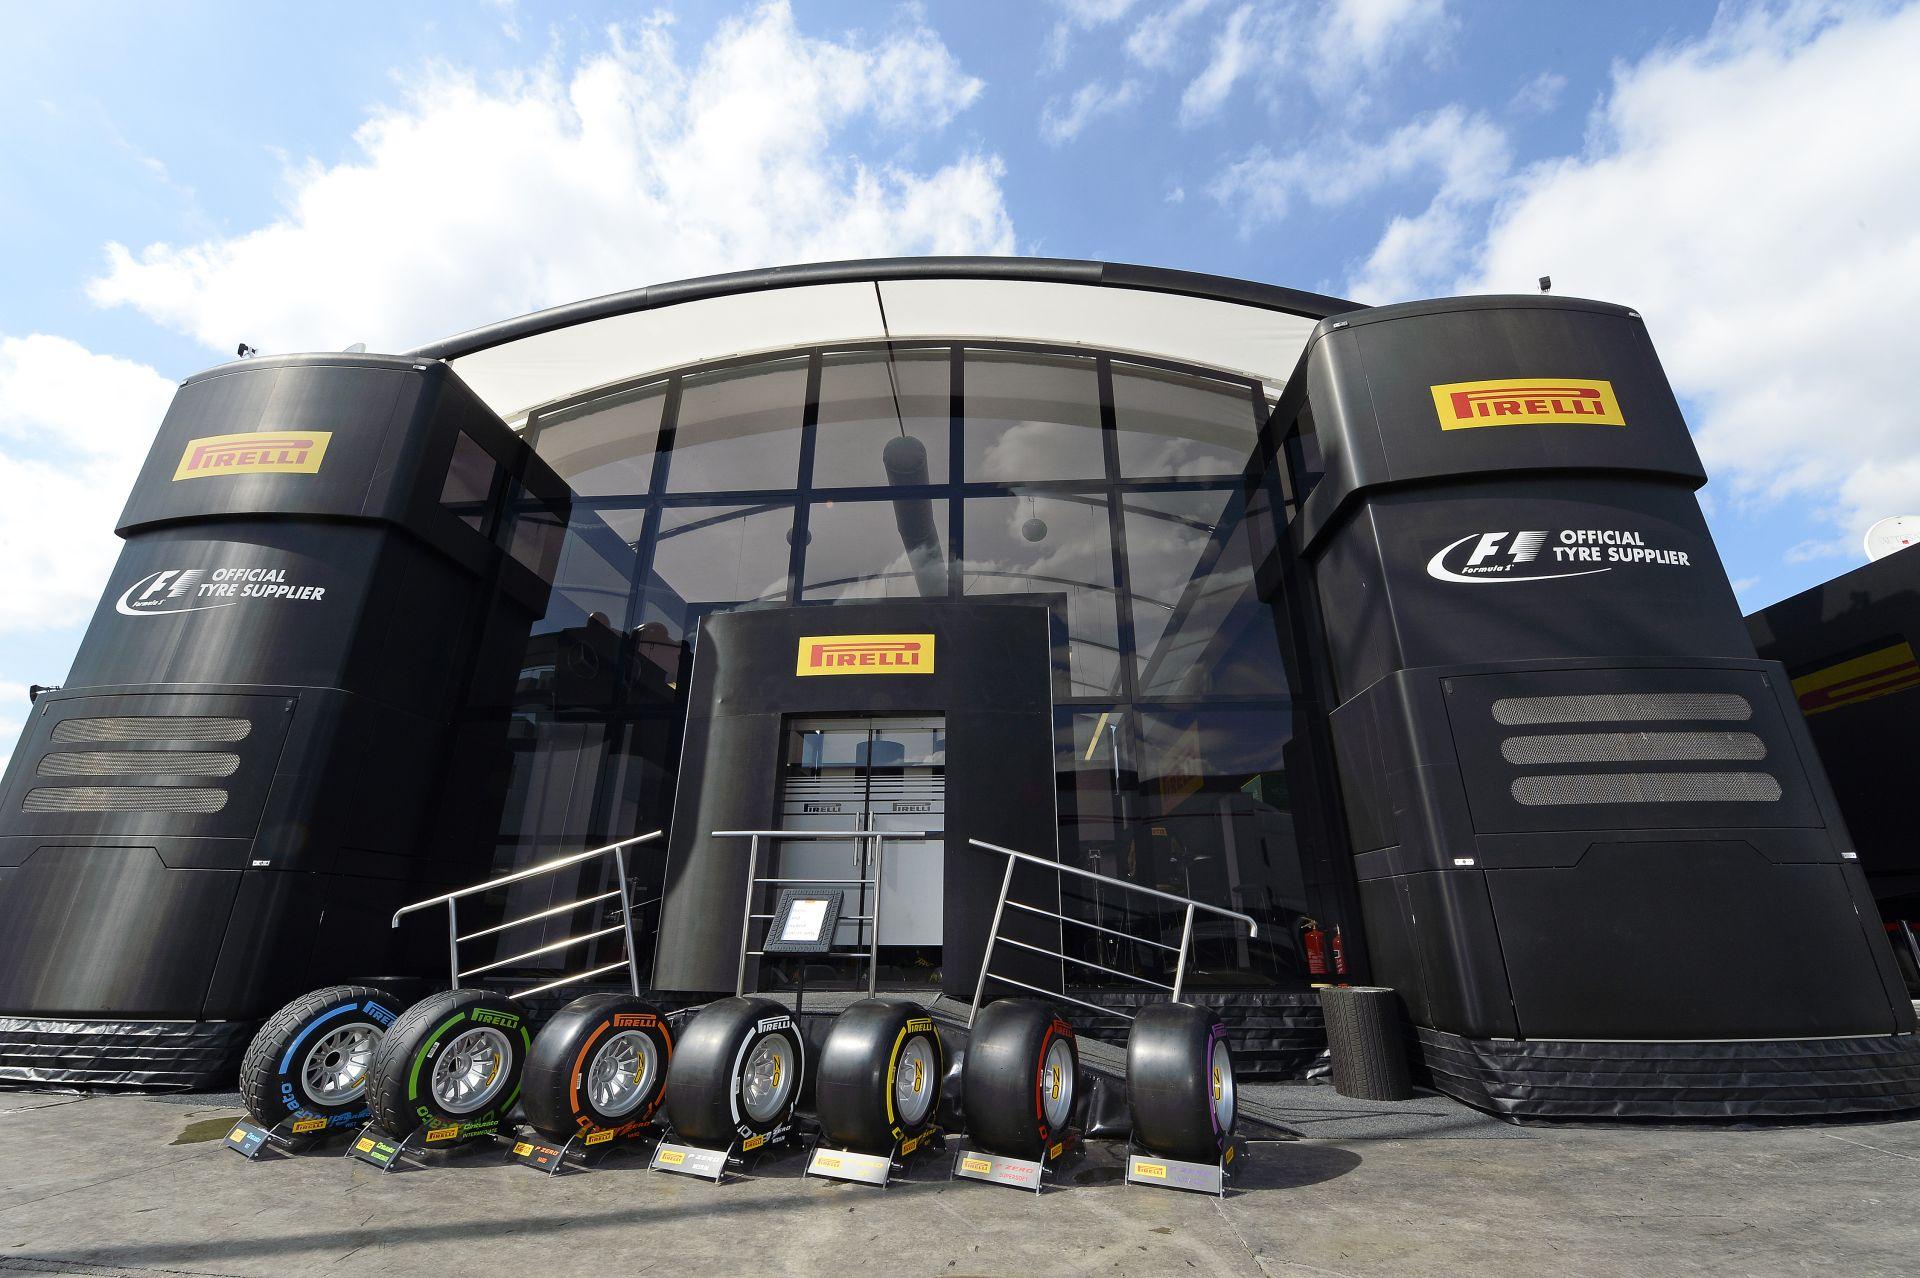 Itt a bahreini gumileosztás: jelentős eltérés a Ferrari és a Mercedes között!